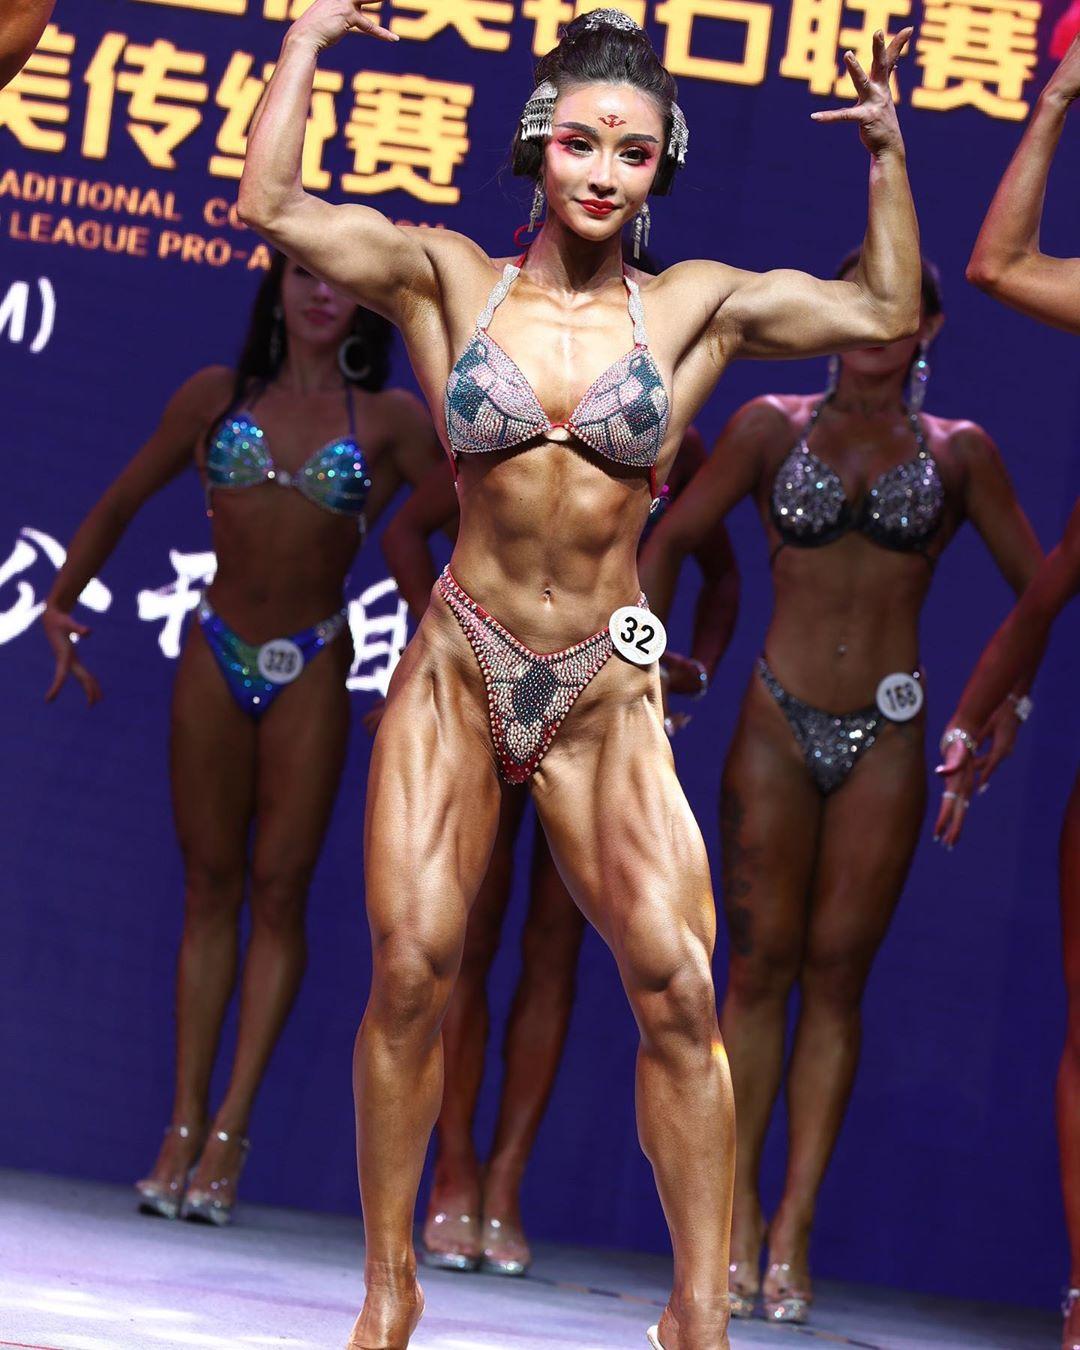 Бодибилдерша представила косплей Чунь Ли — посмотрите на эти мышцы Игры,косплей